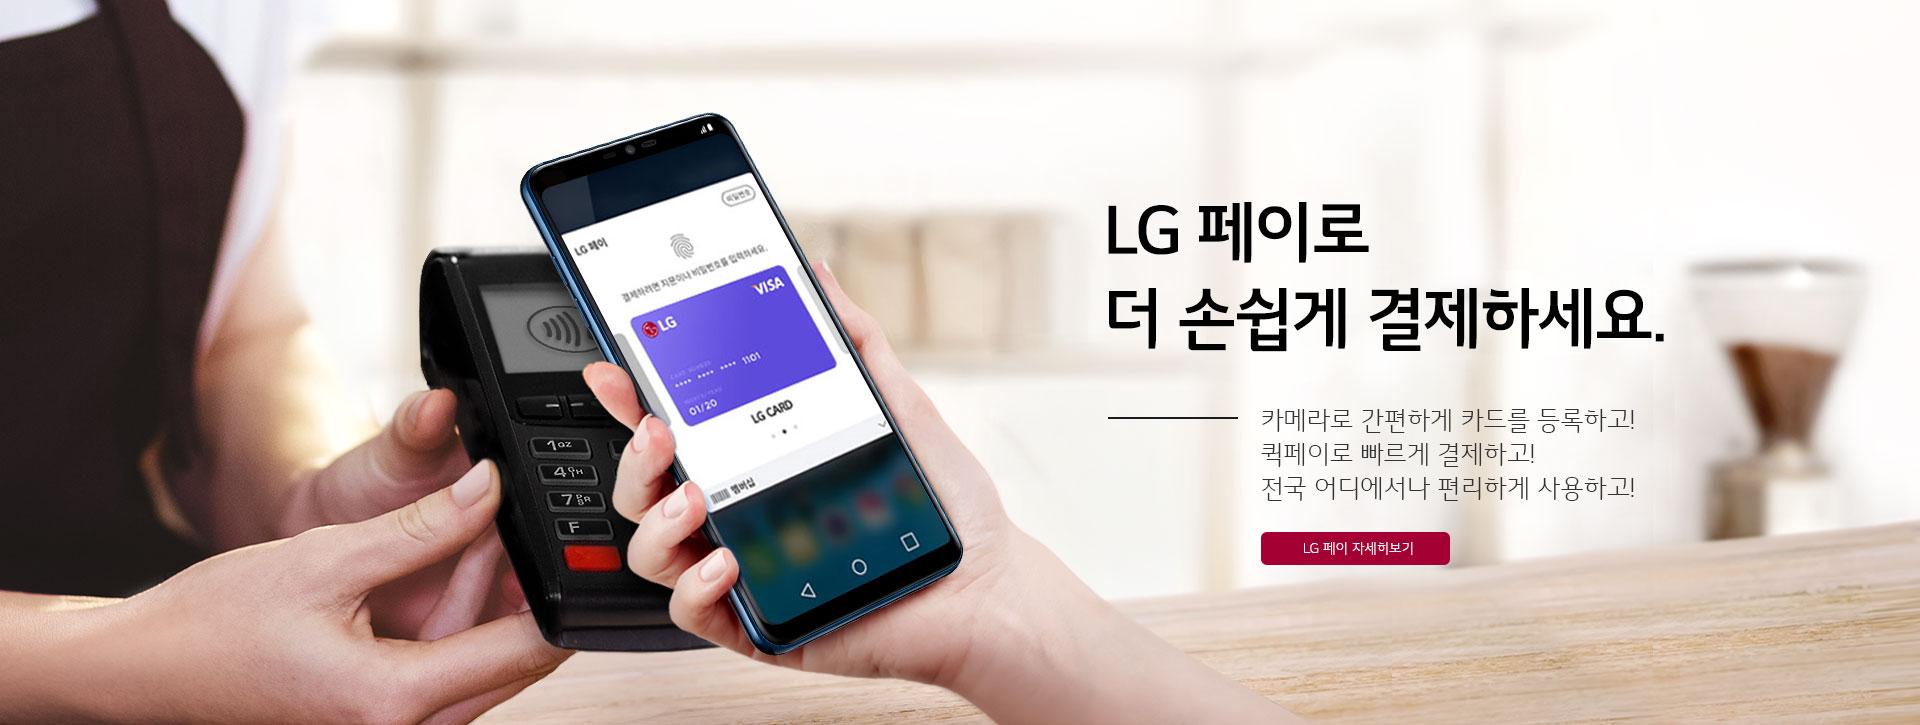 LG 페이로 더 손쉽게 결제하세요.